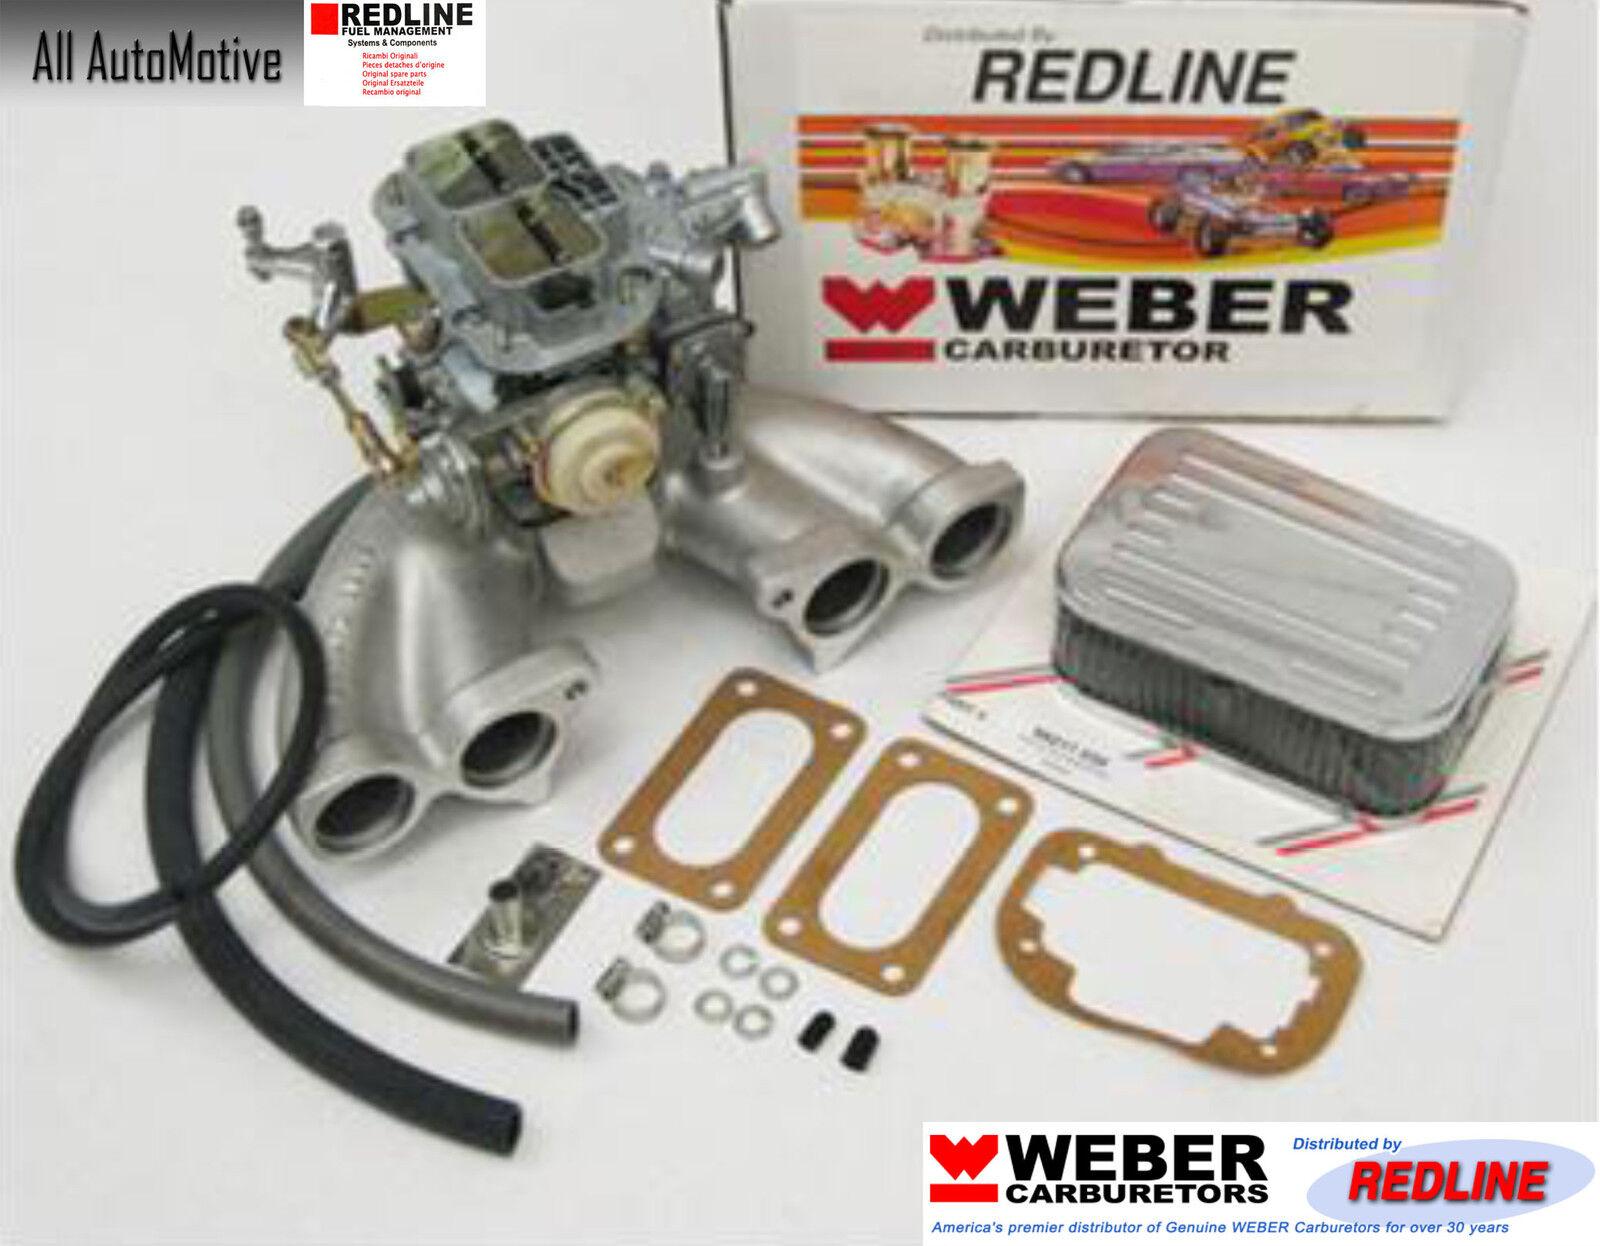 Volvo Penta Carburetor aq115 aq130 (B20) Weber Carburetor